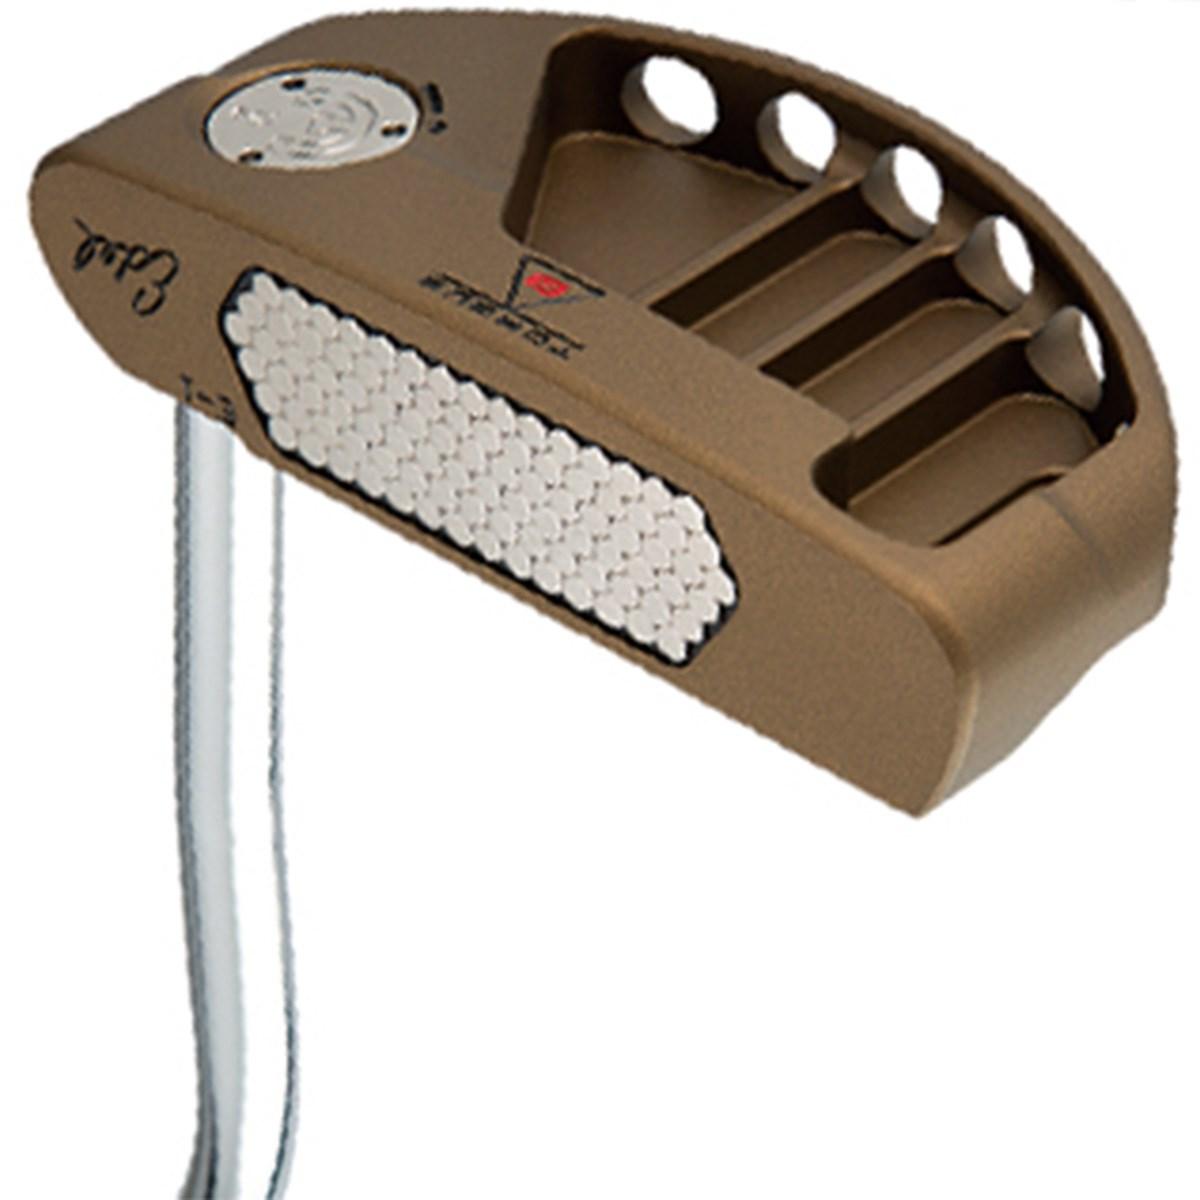 イーデルゴルフ トルクバランスパター E-1 ゴールド